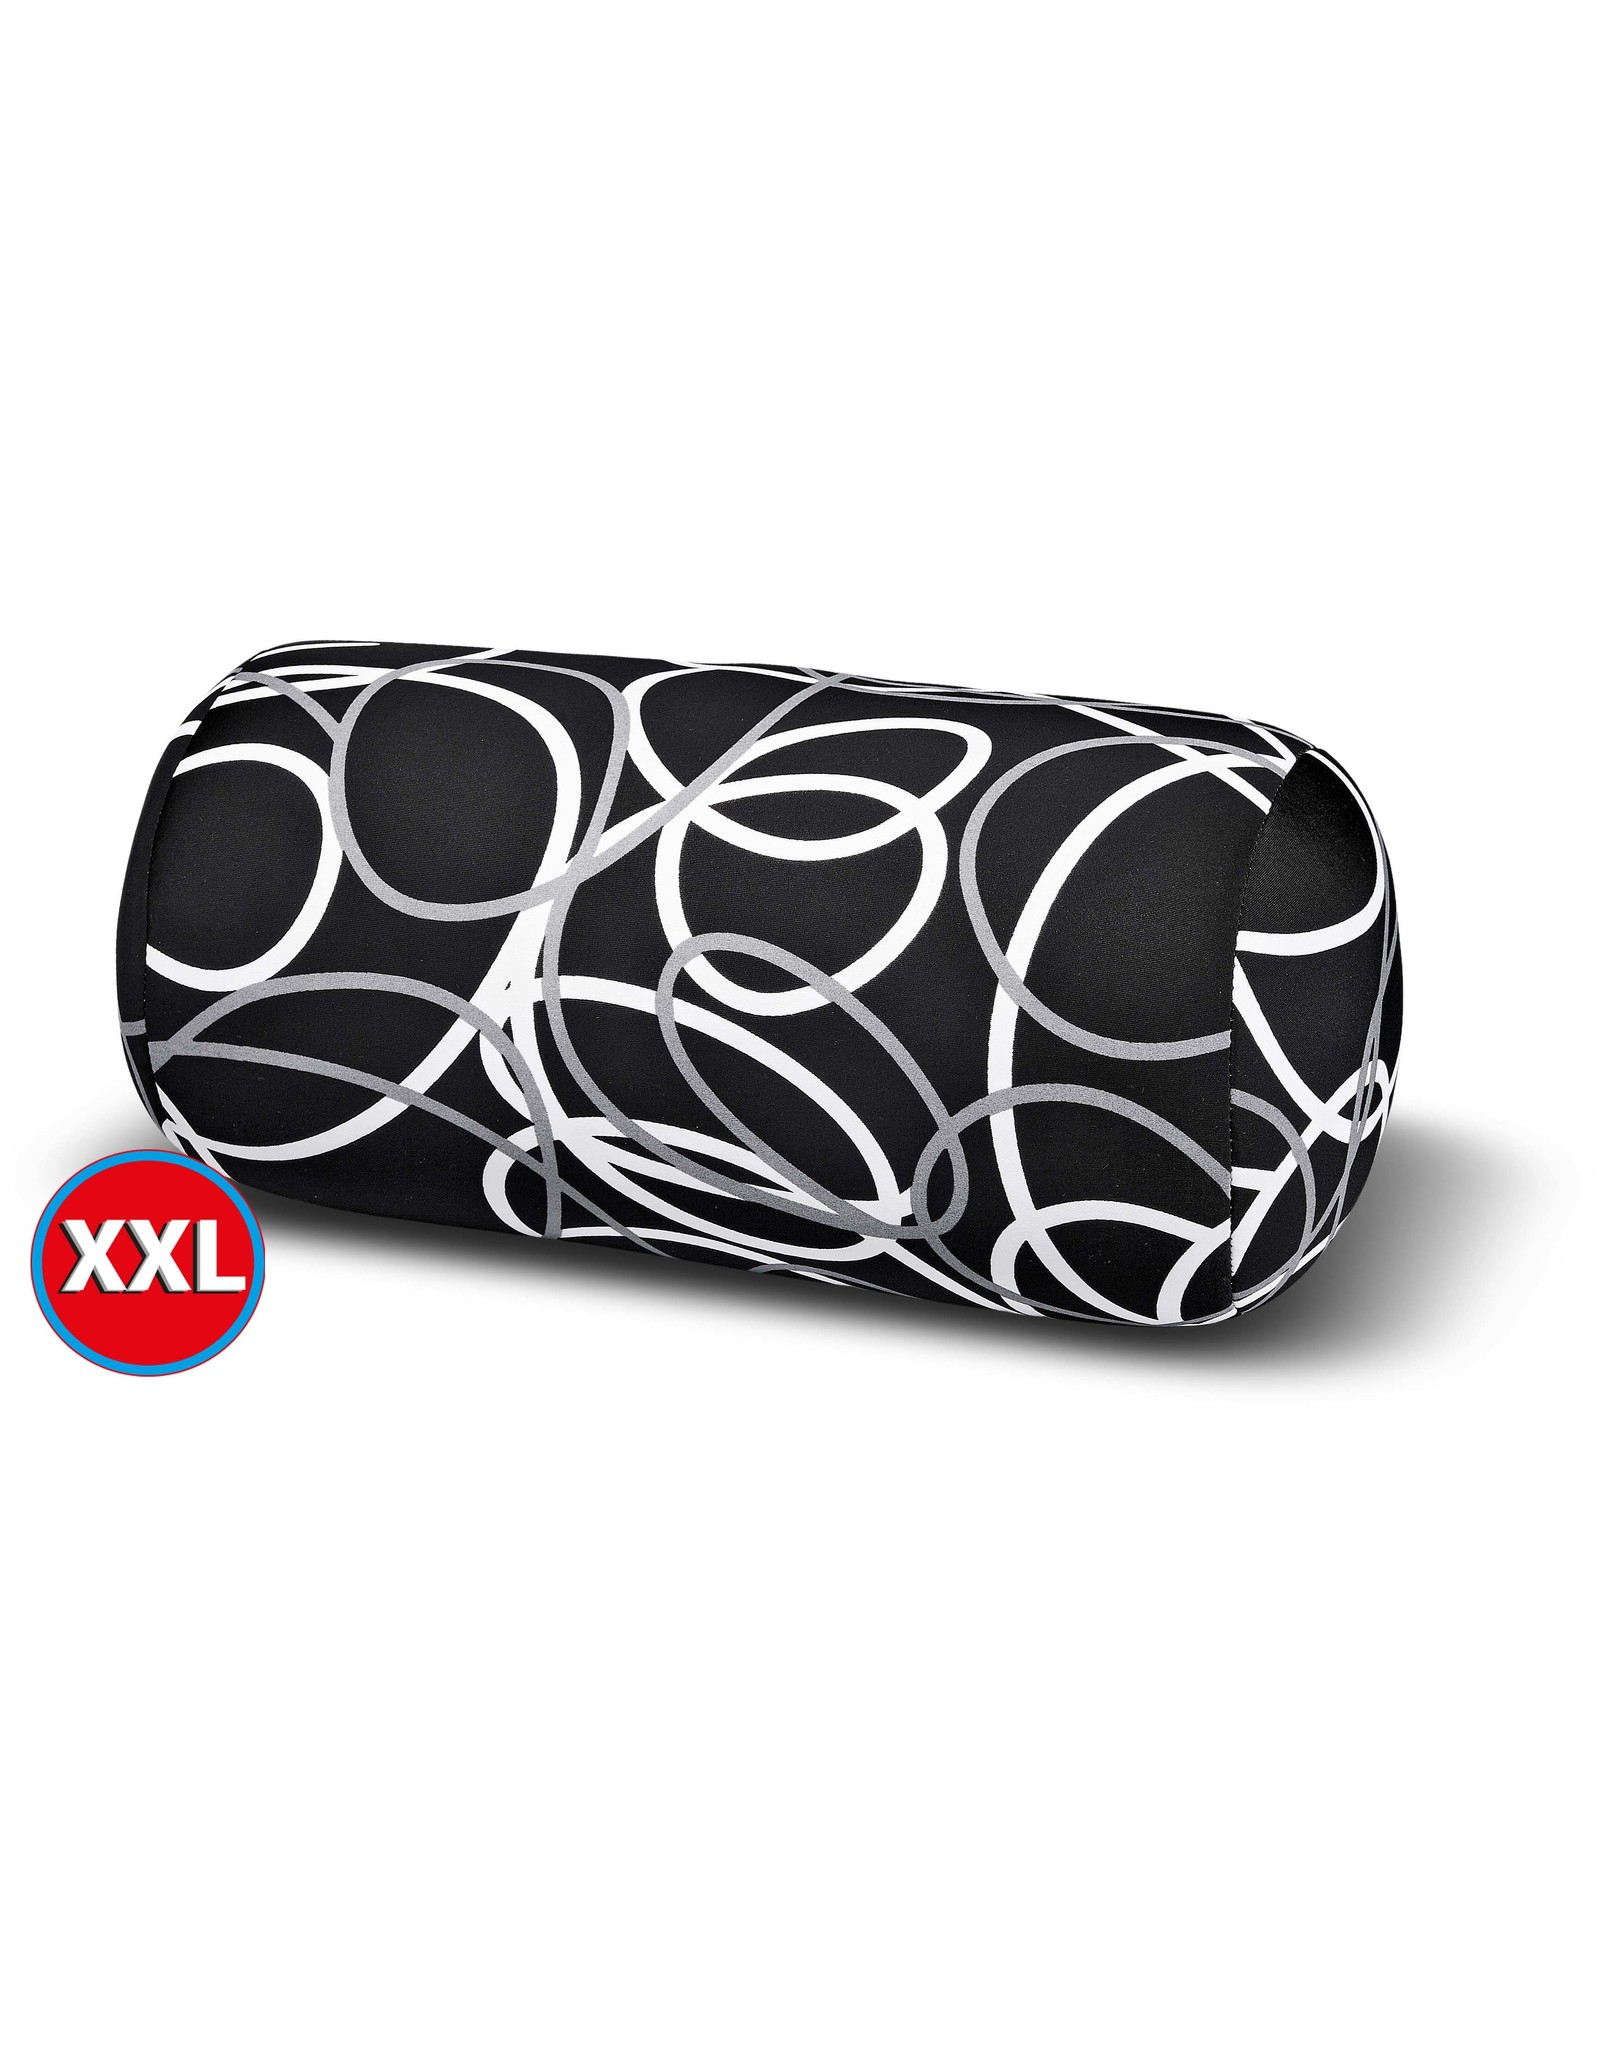 Kuschel-Maxx Kuschel-Maxx - Lines Black XXL